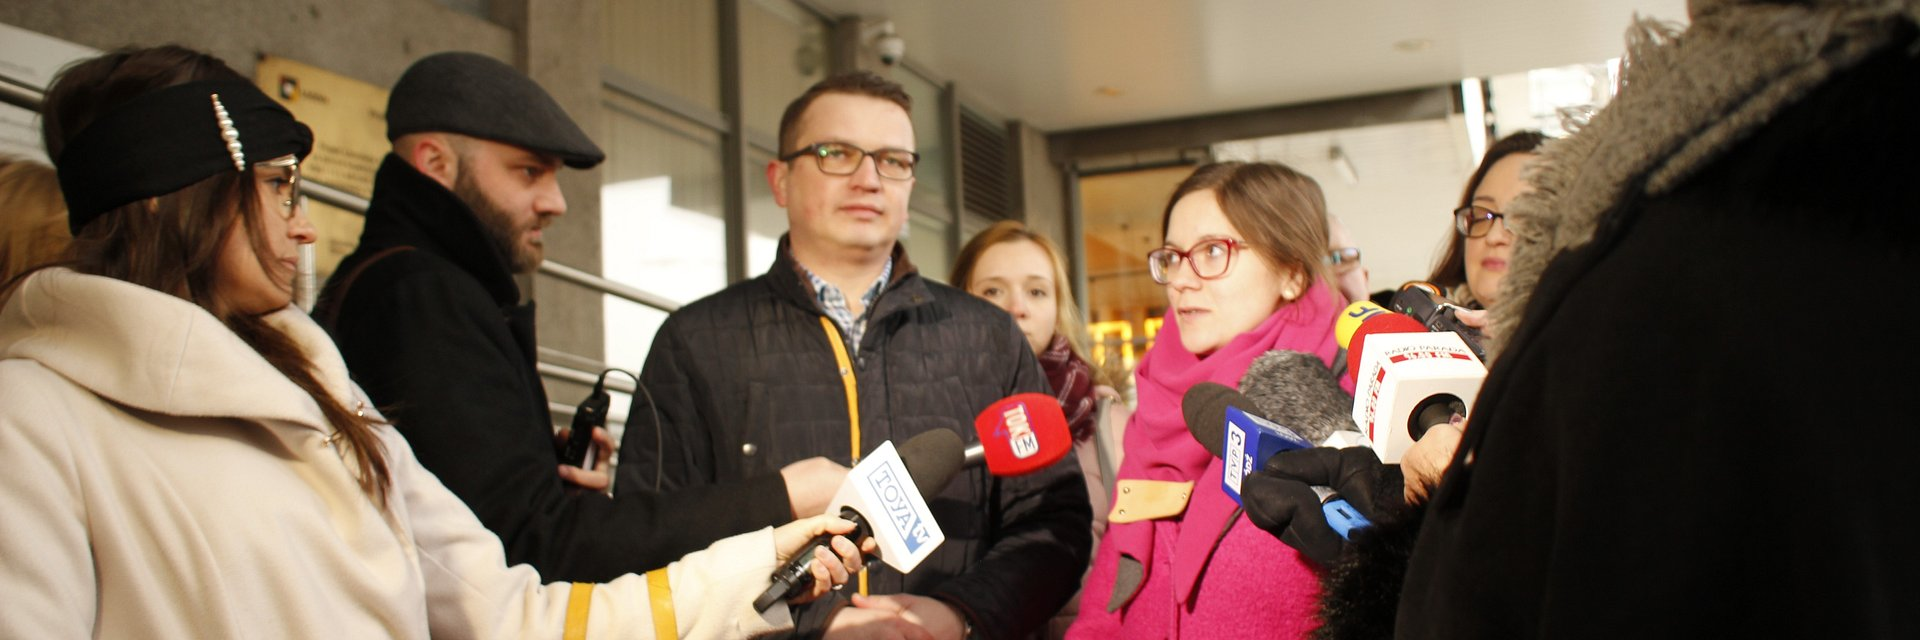 Posłanka Matysiak na sesji łódzkiego sejmiku: nie dla uchwały segregującej rodziny na lepsze i gorsze